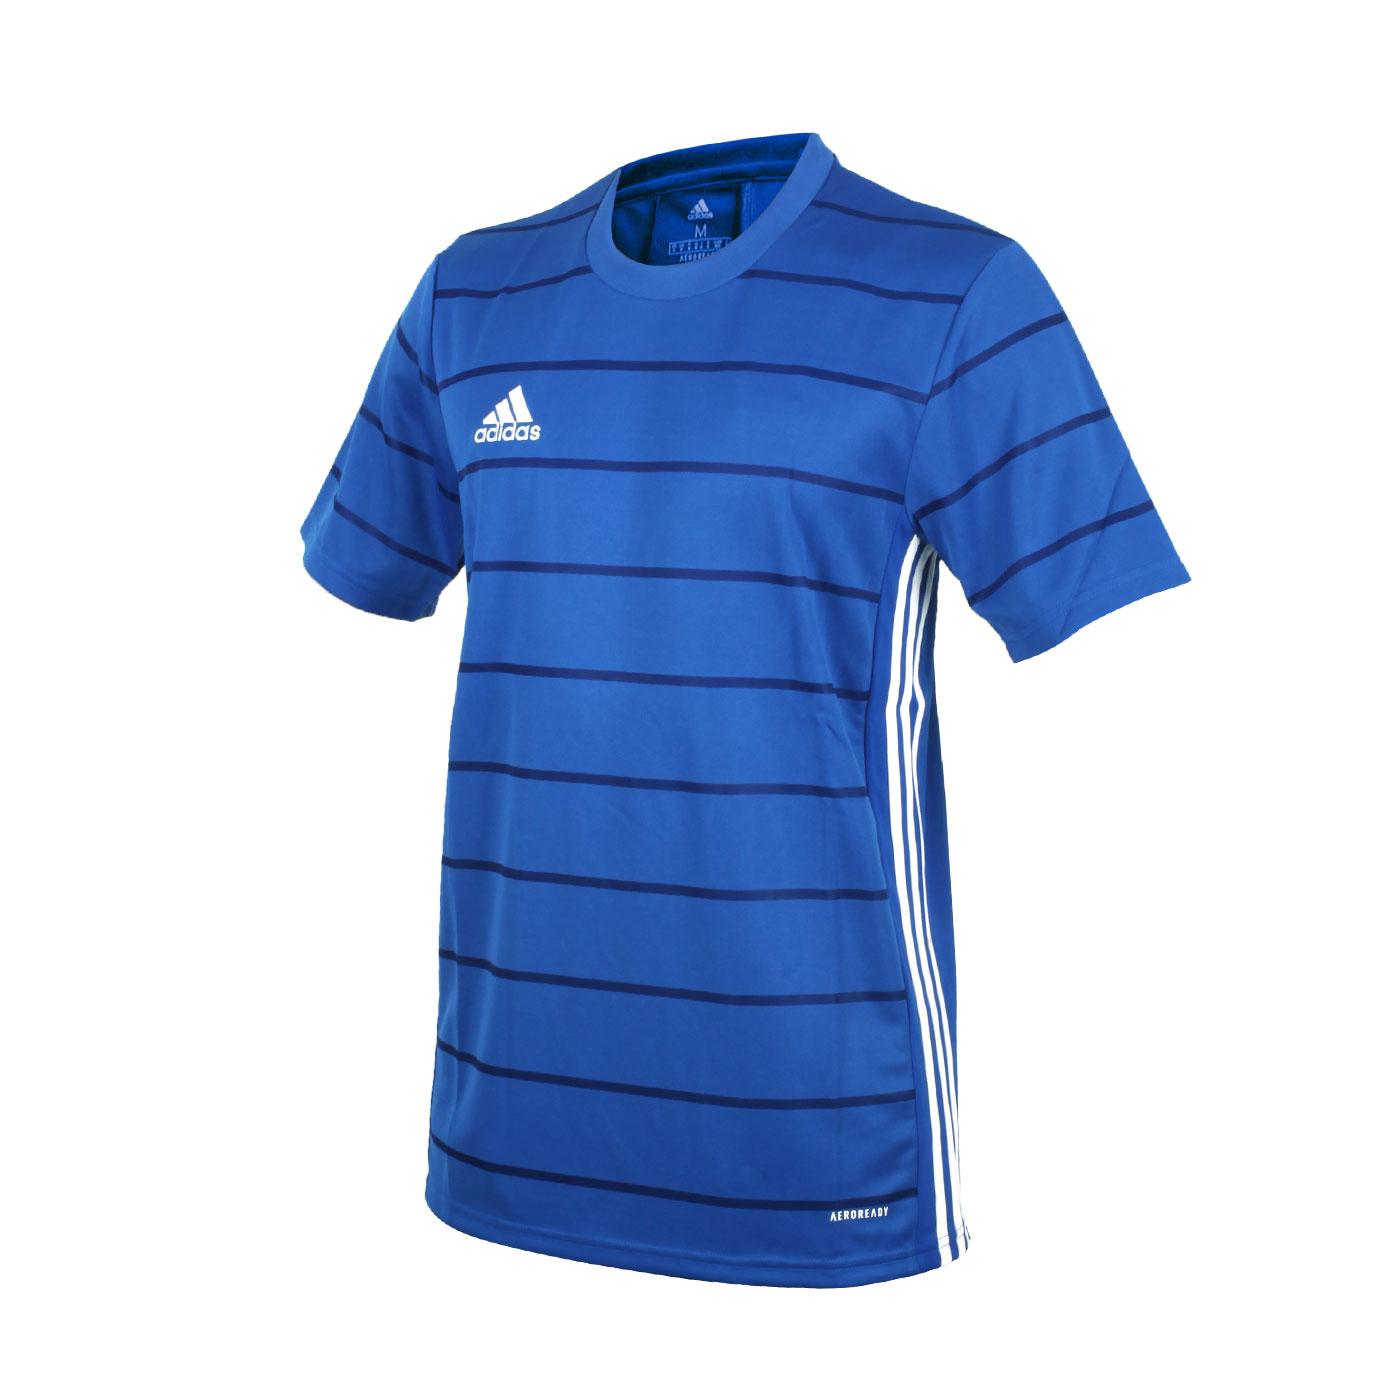 ADIDAS 男款短袖T恤 FT6762 - 藍白